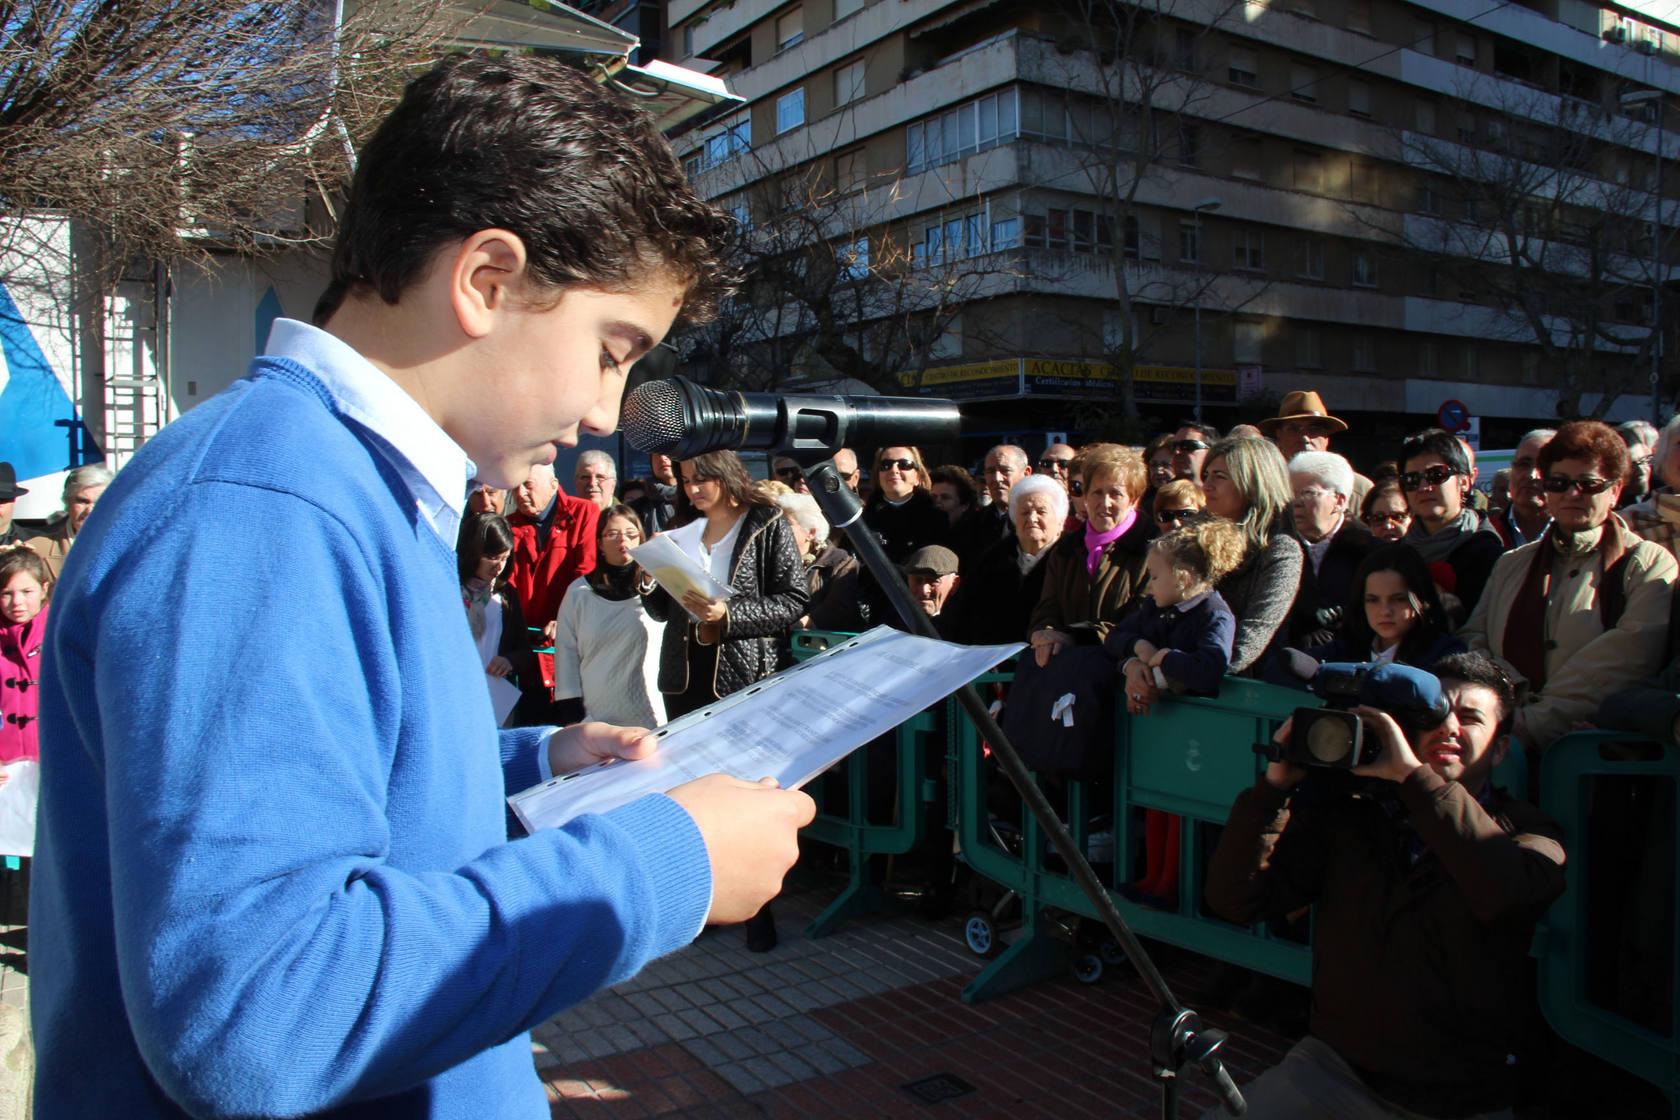 Homenaje al poeta Gabriel y Galán en Cáceres